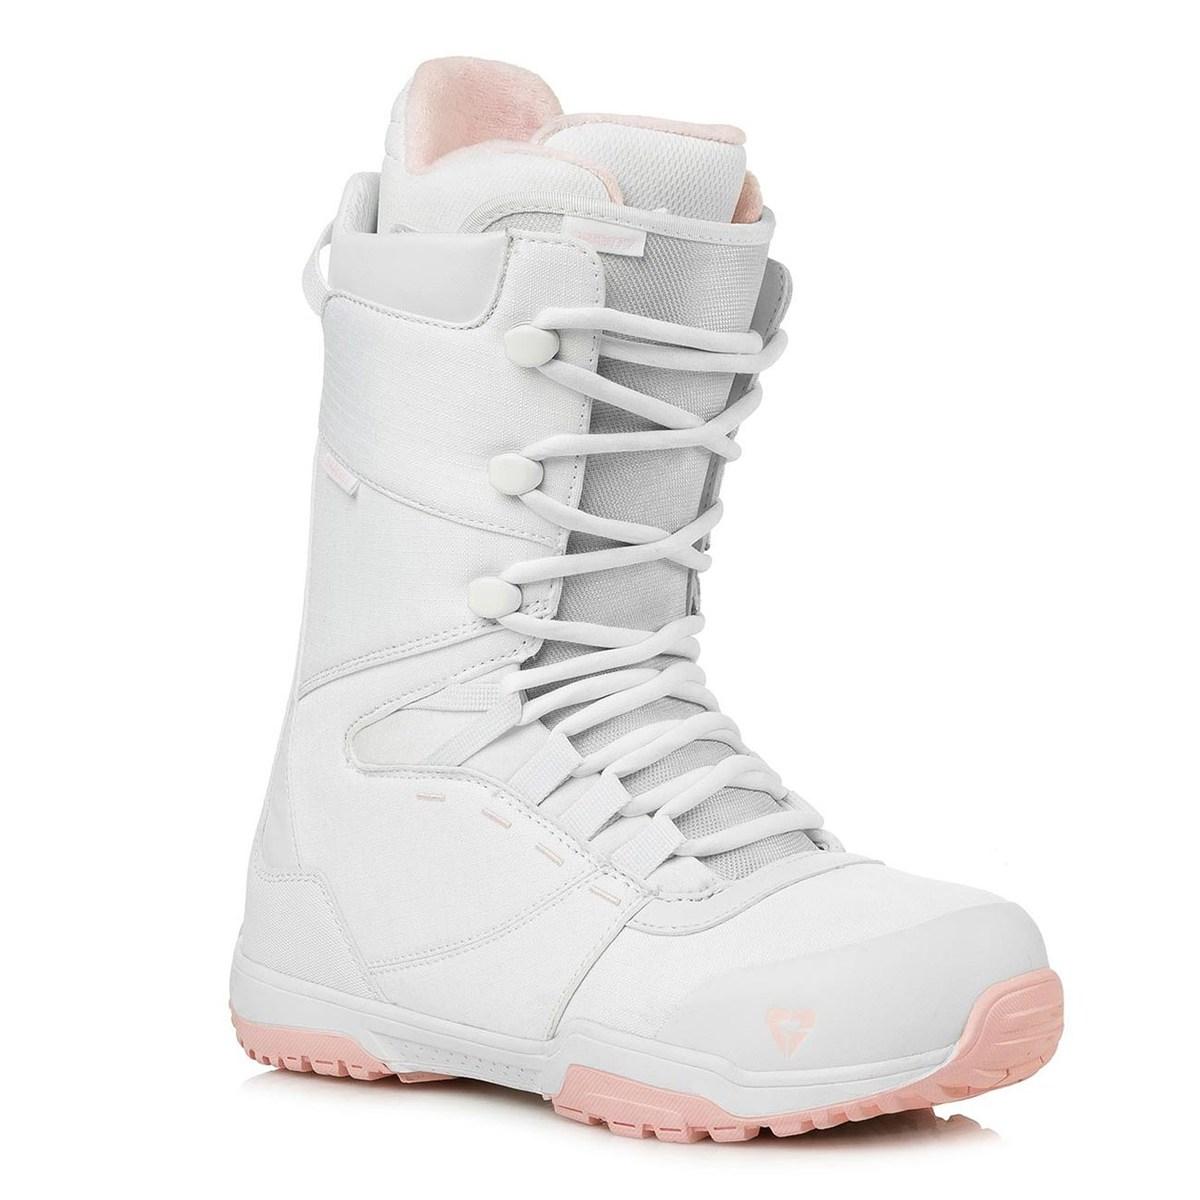 Snowboardové boty Gravity Bliss Lady 18/19 bílá/růžová 7 (41)